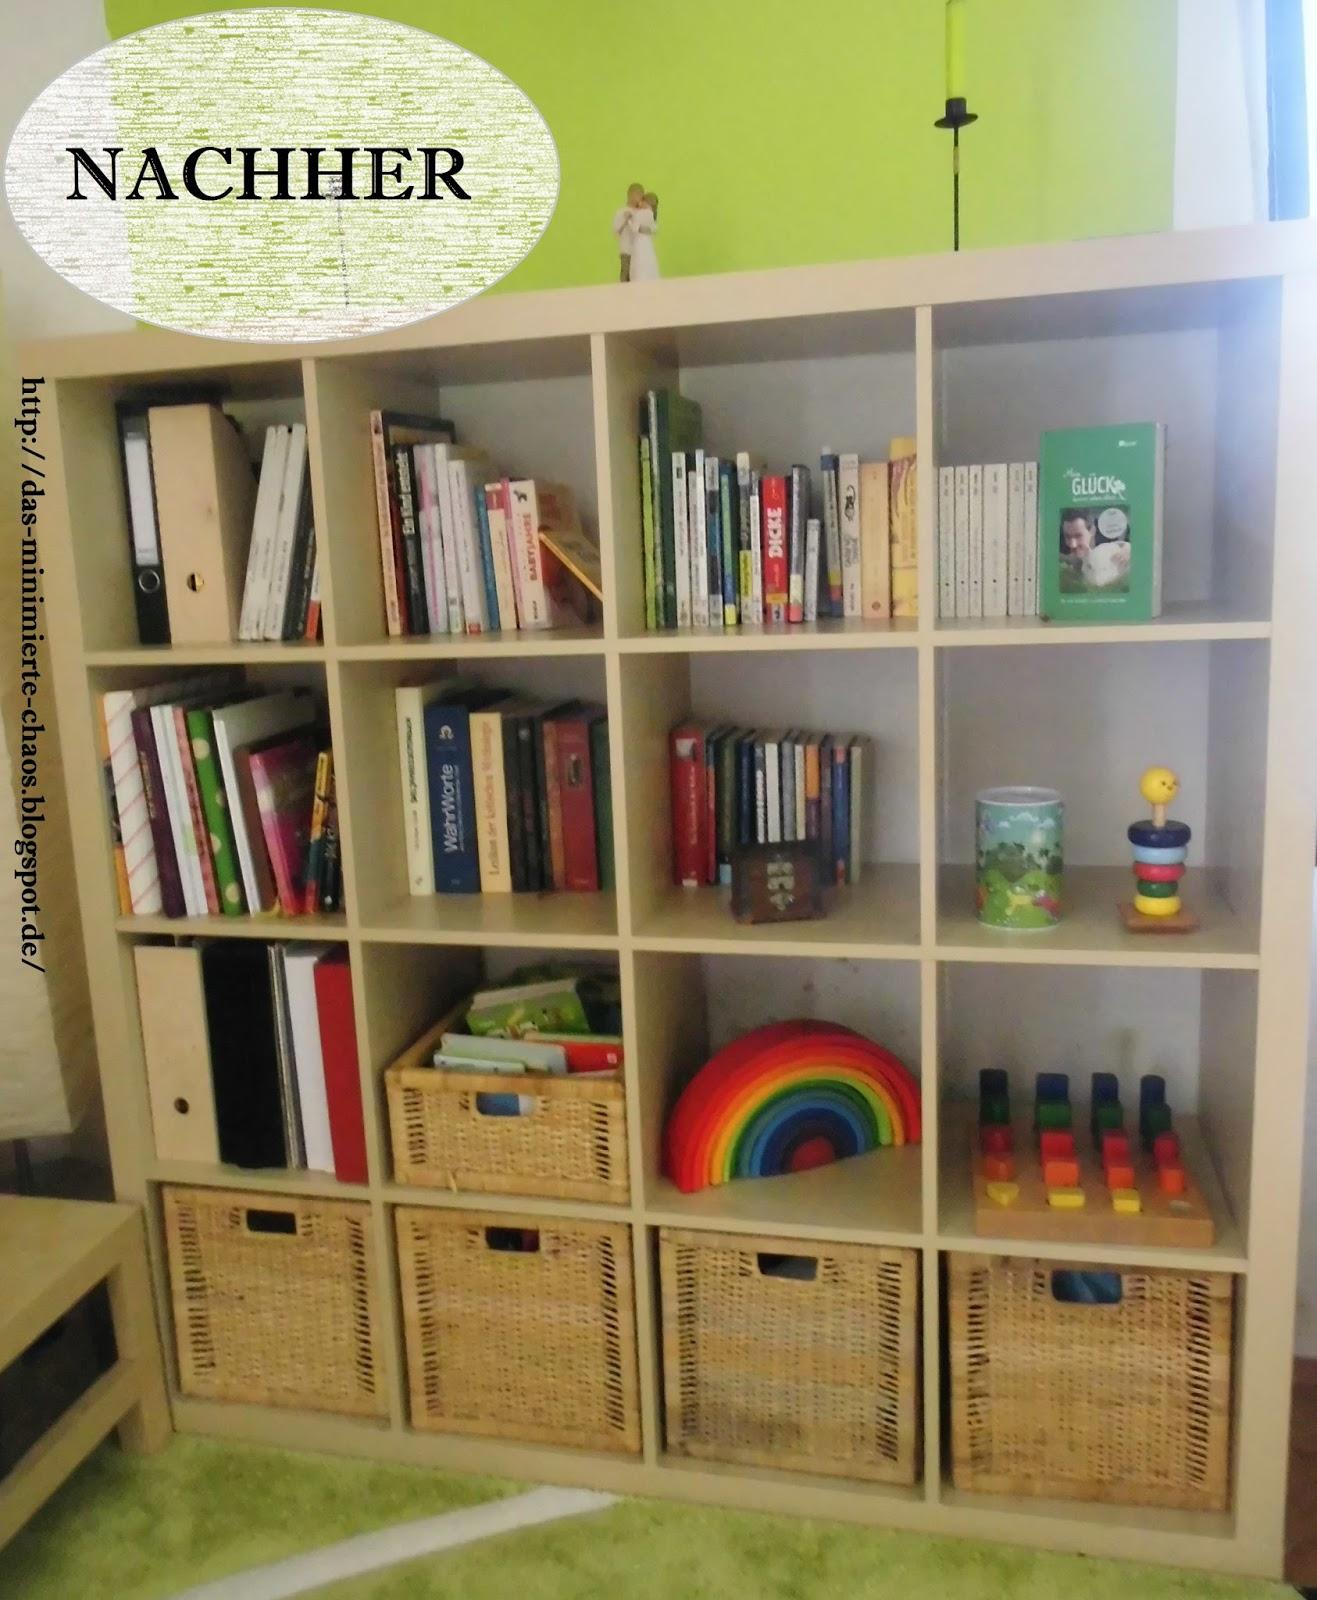 frau k und der weg zu ordnung organisation und minimalismus vorher nachher wohnzimmer. Black Bedroom Furniture Sets. Home Design Ideas